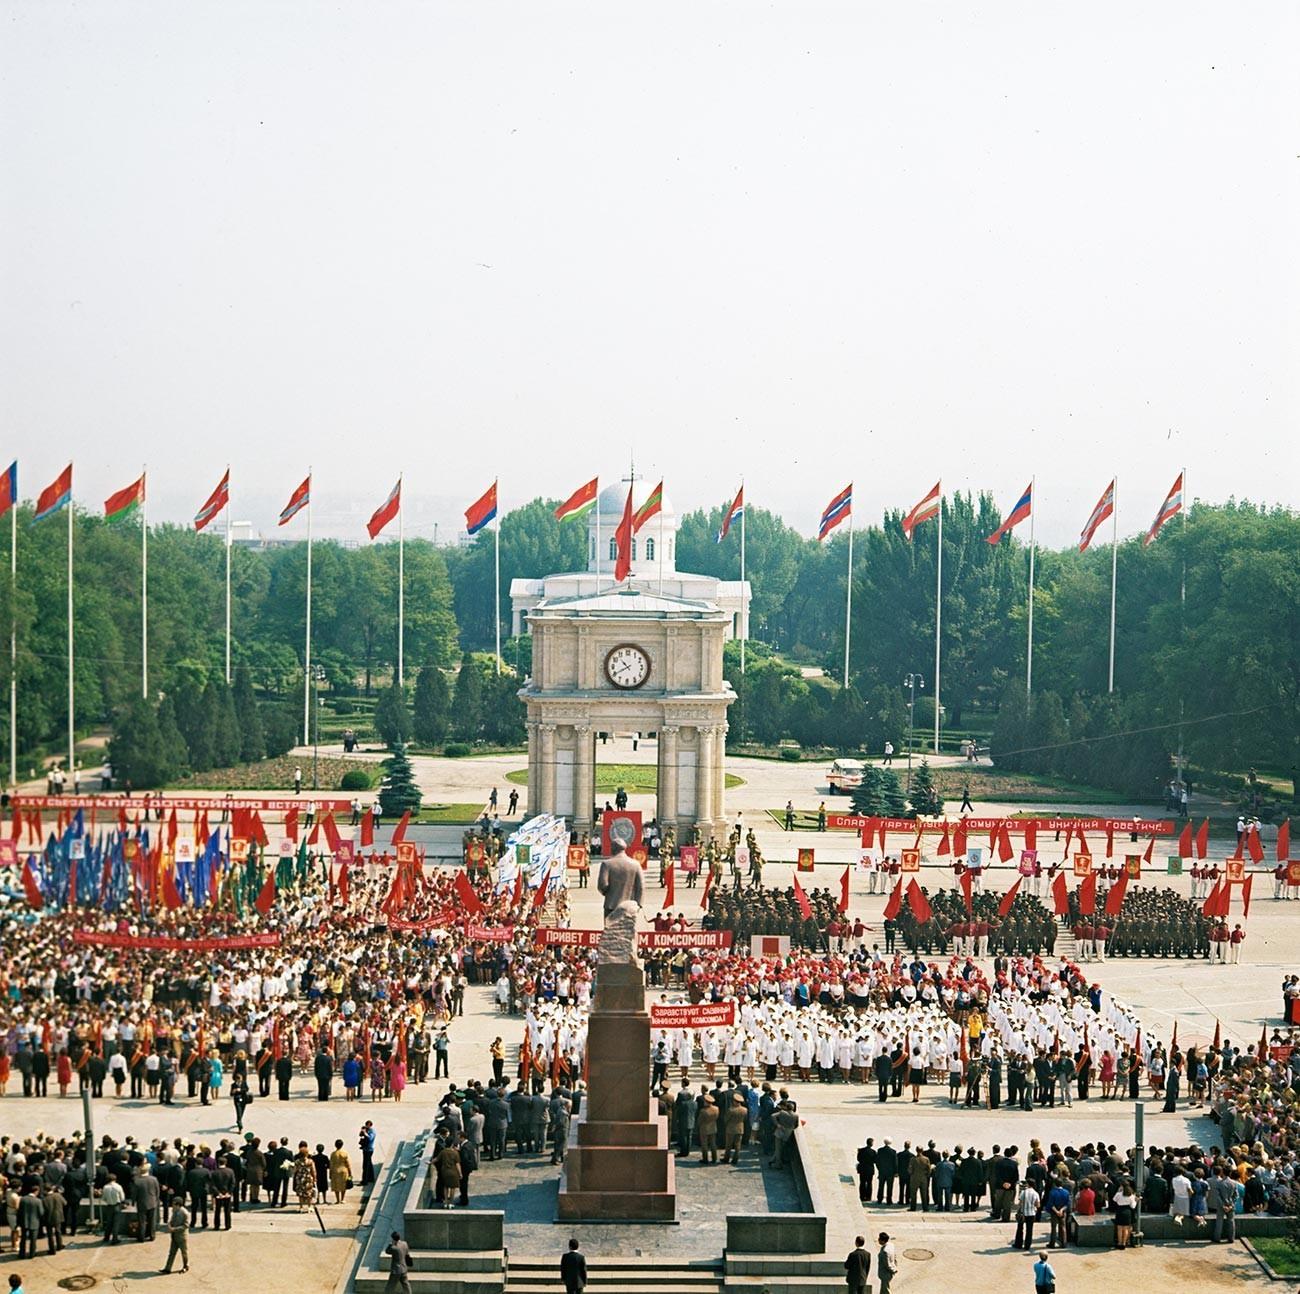 Celebração do Dia da Vitória na Praça da Vitória em Quichinau, 1976